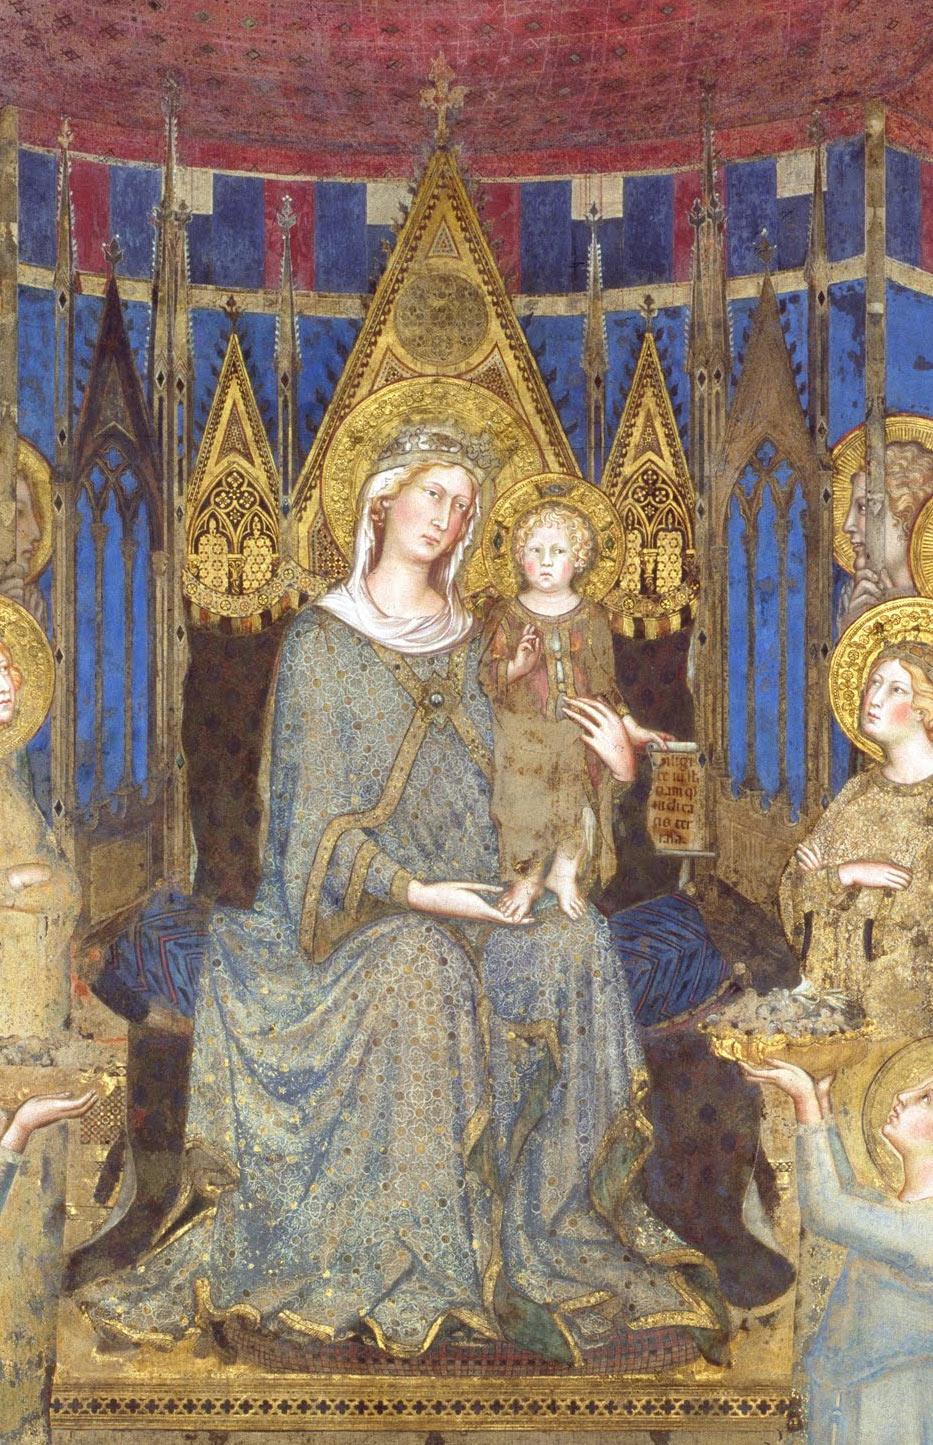 La Vergine con il Bambino